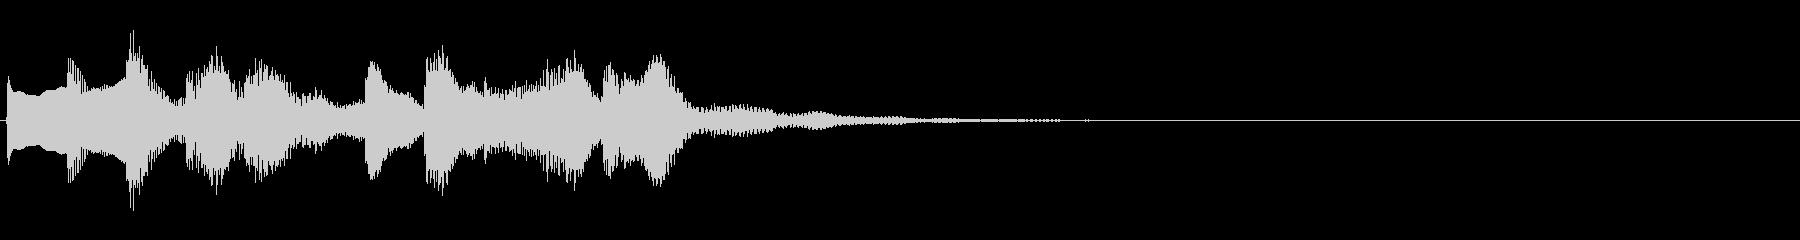 電車の発車メロディーです。の未再生の波形